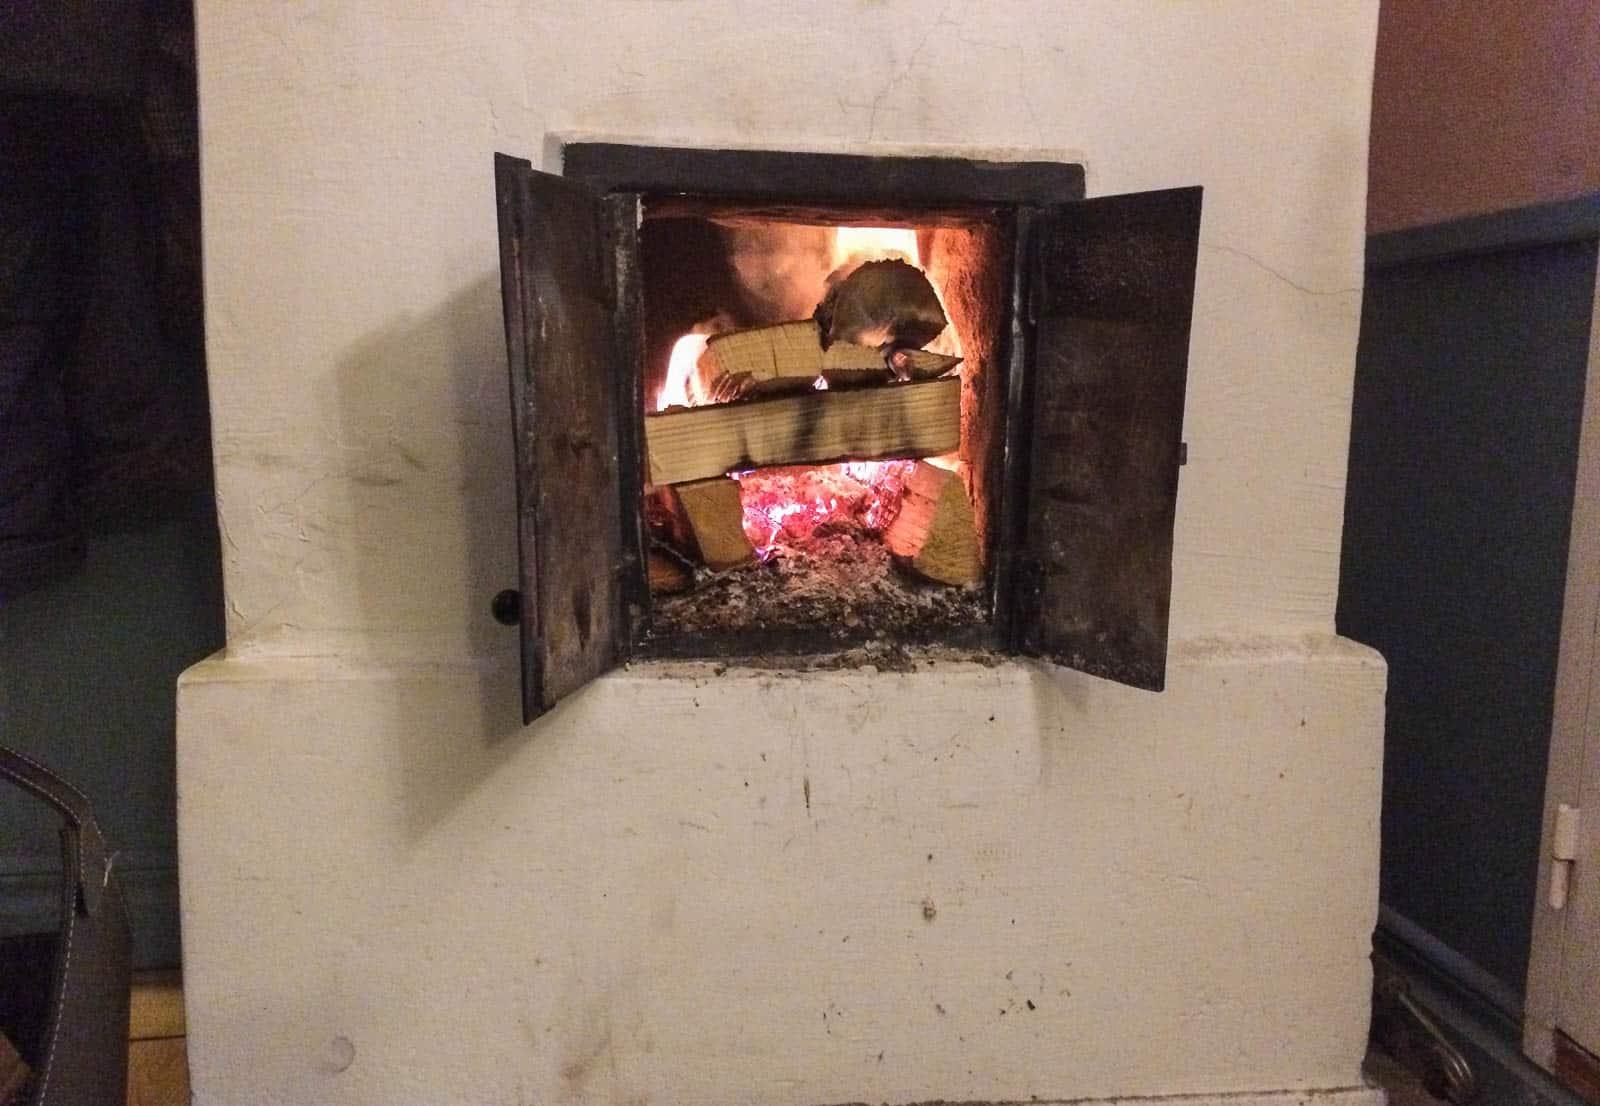 Nu är elvärmen inkopplad och jag eldar i rörspisen varje kväll. Gillar att somna till sprakandes från granveden och med lågorna spelande i taket.